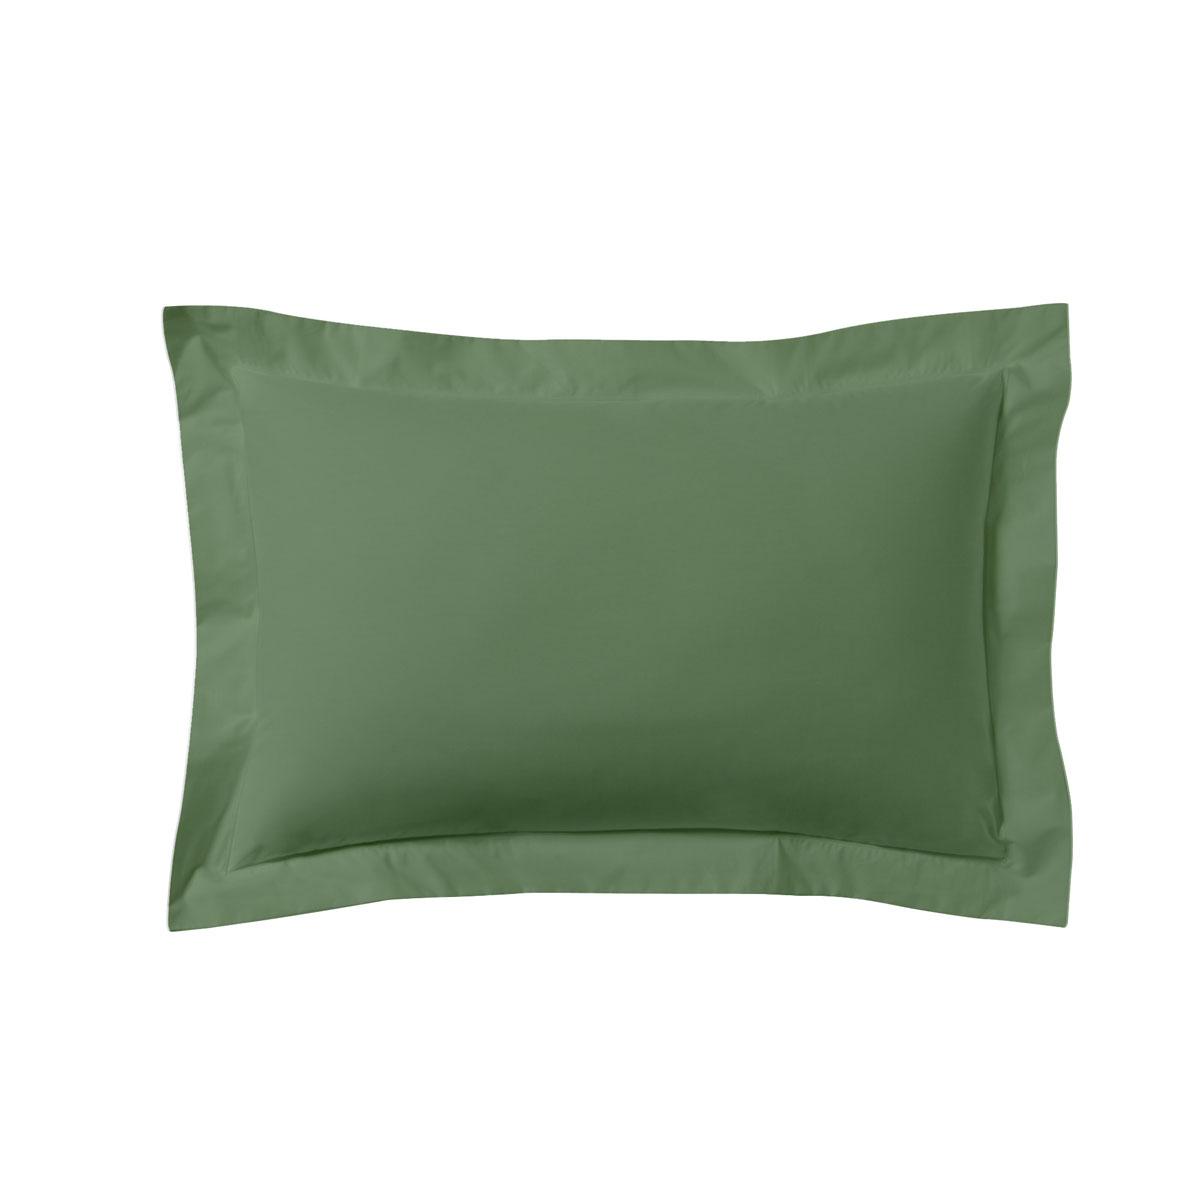 Taie d'oreiller unie en coton vert de gris 50x70